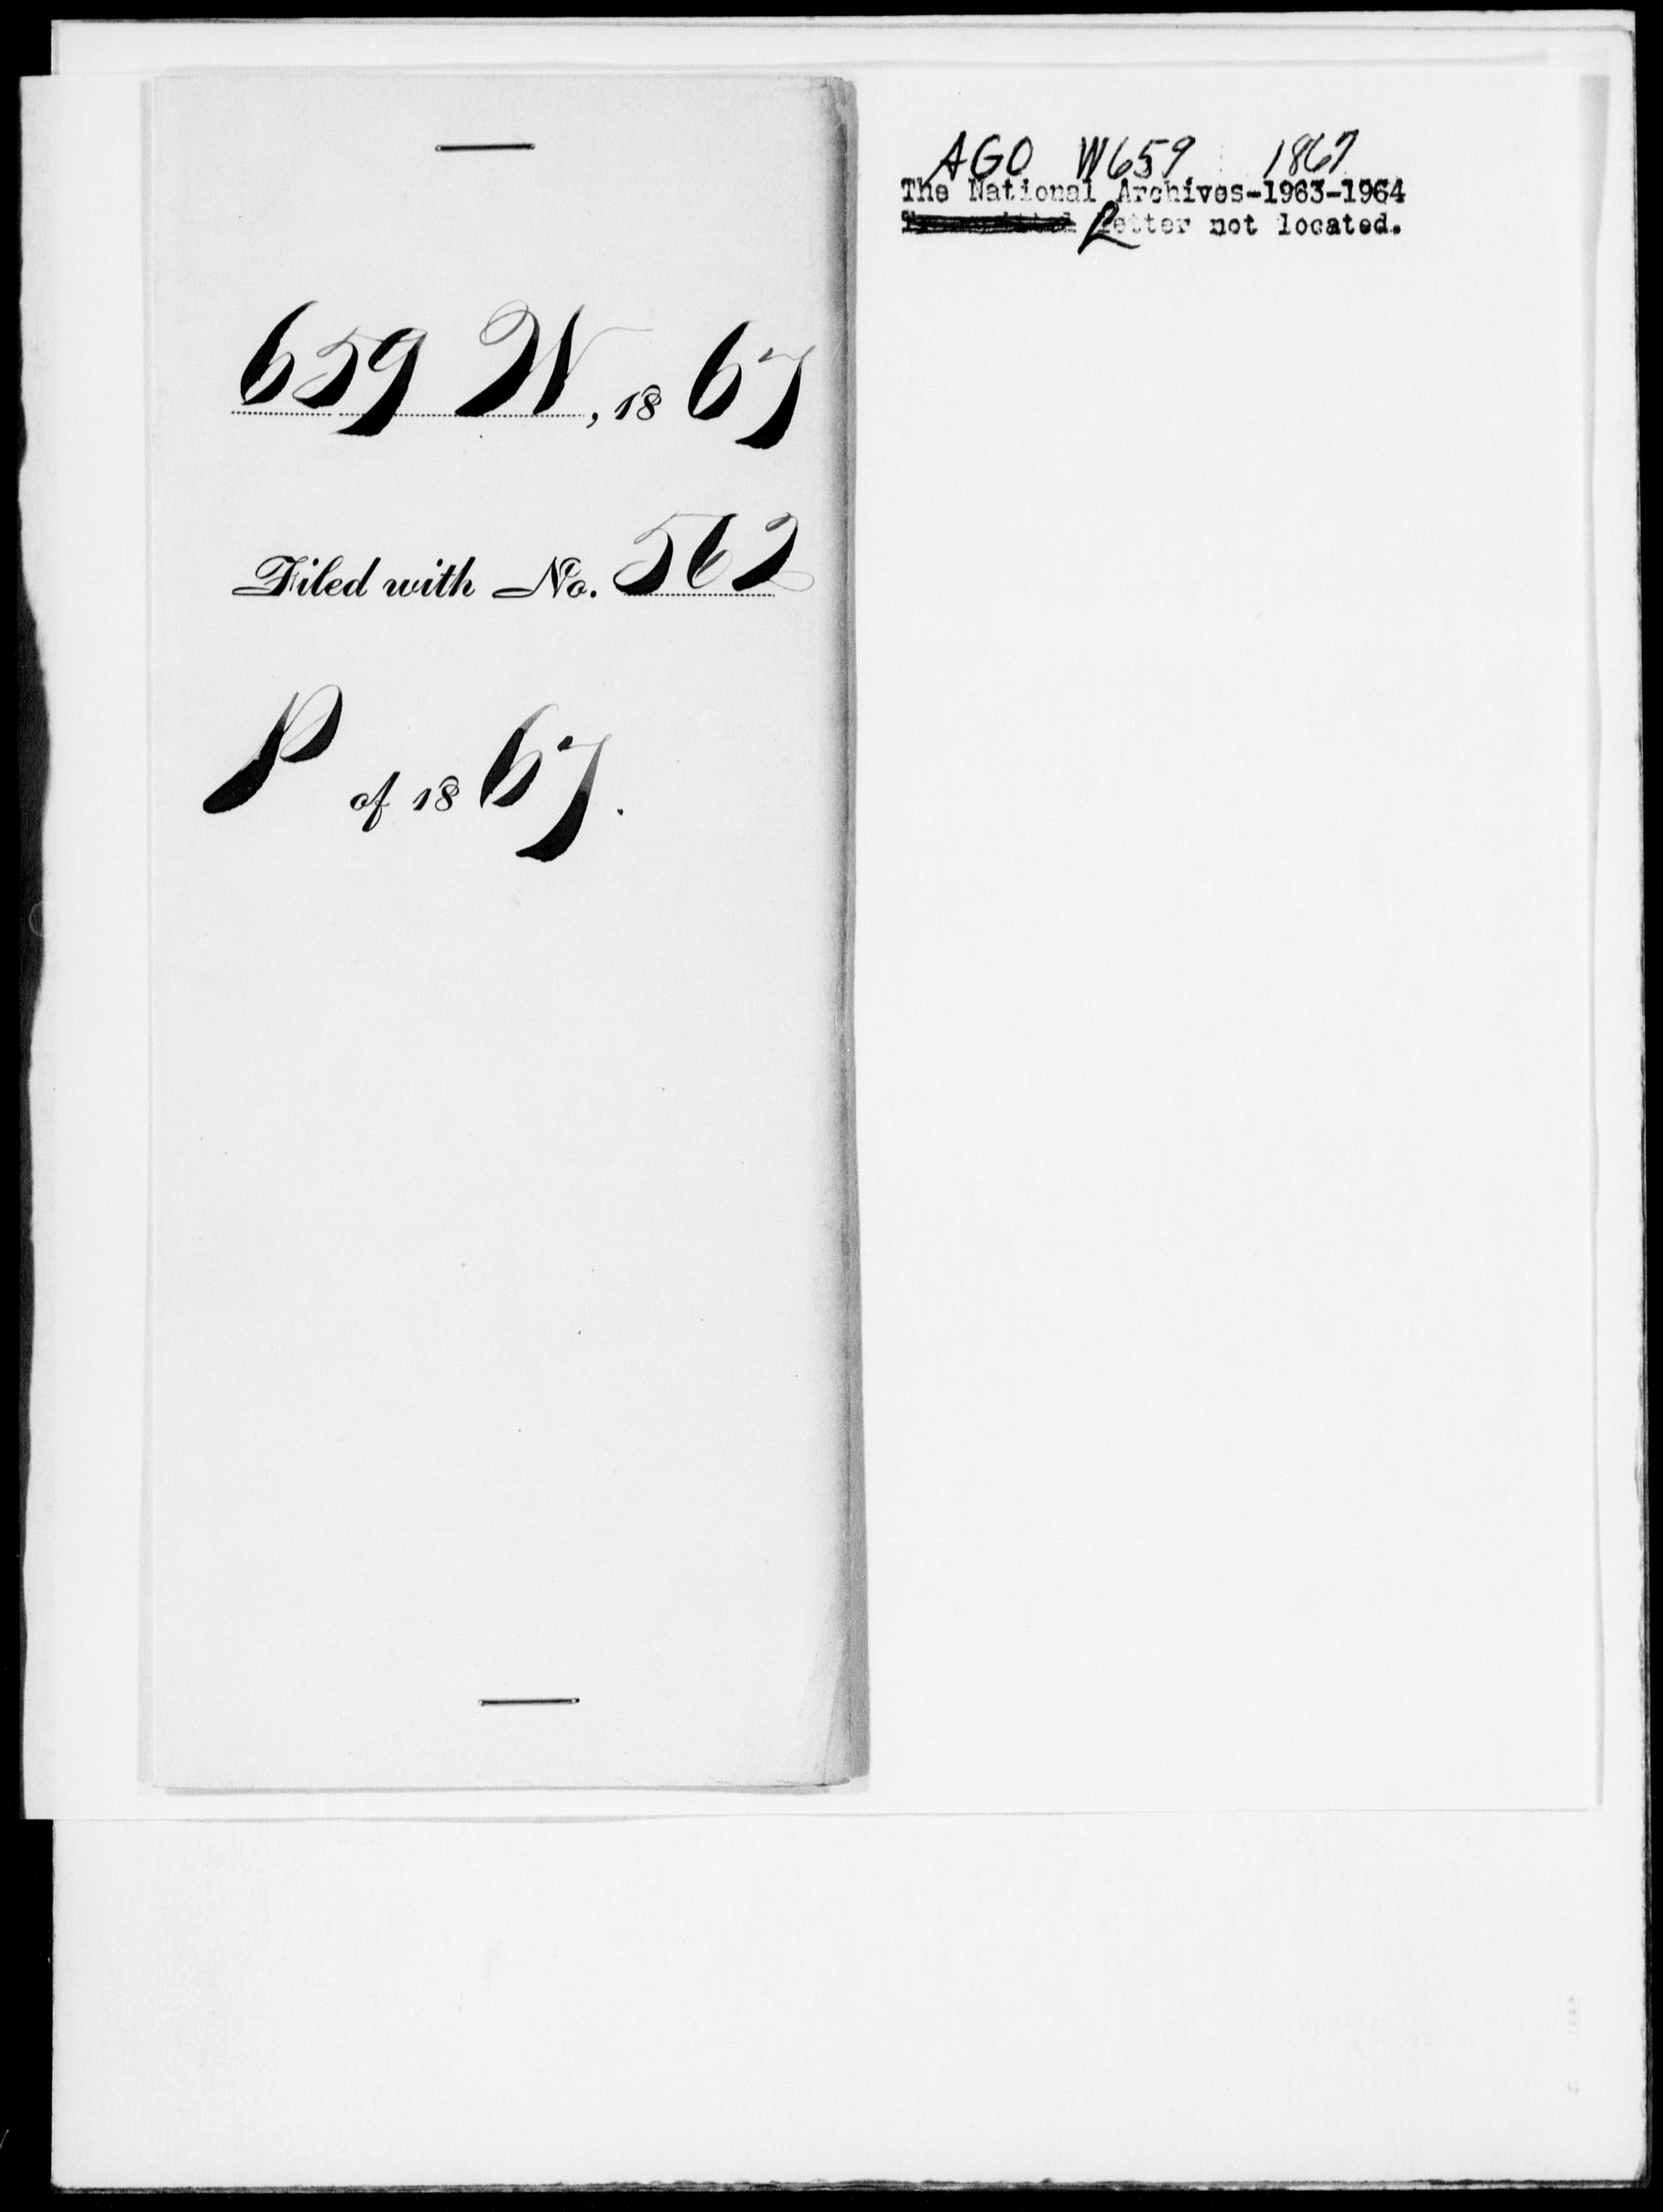 1867 - [Blank], Lloyd - File No. W659